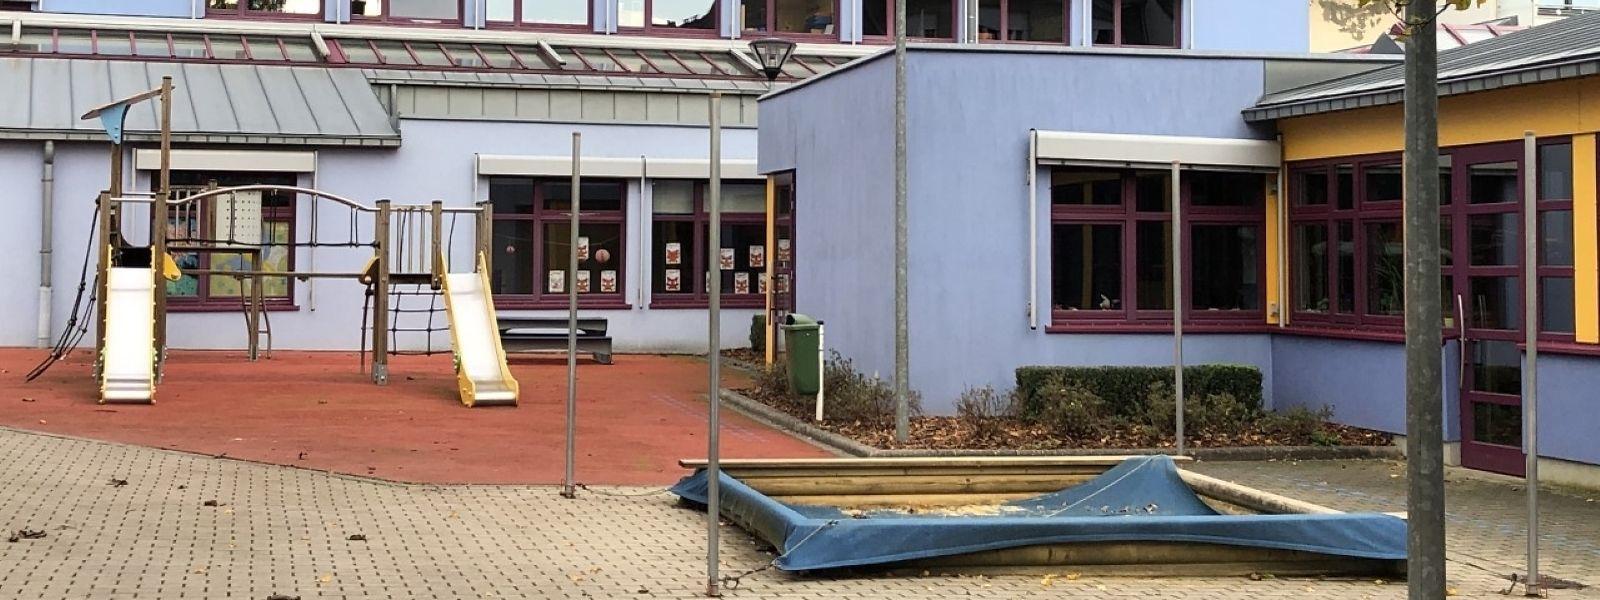 Das Vorschulgebäude an der Rue Dr. Klein bleibt voraussichtlich noch bis Mittwoch geschlossen.